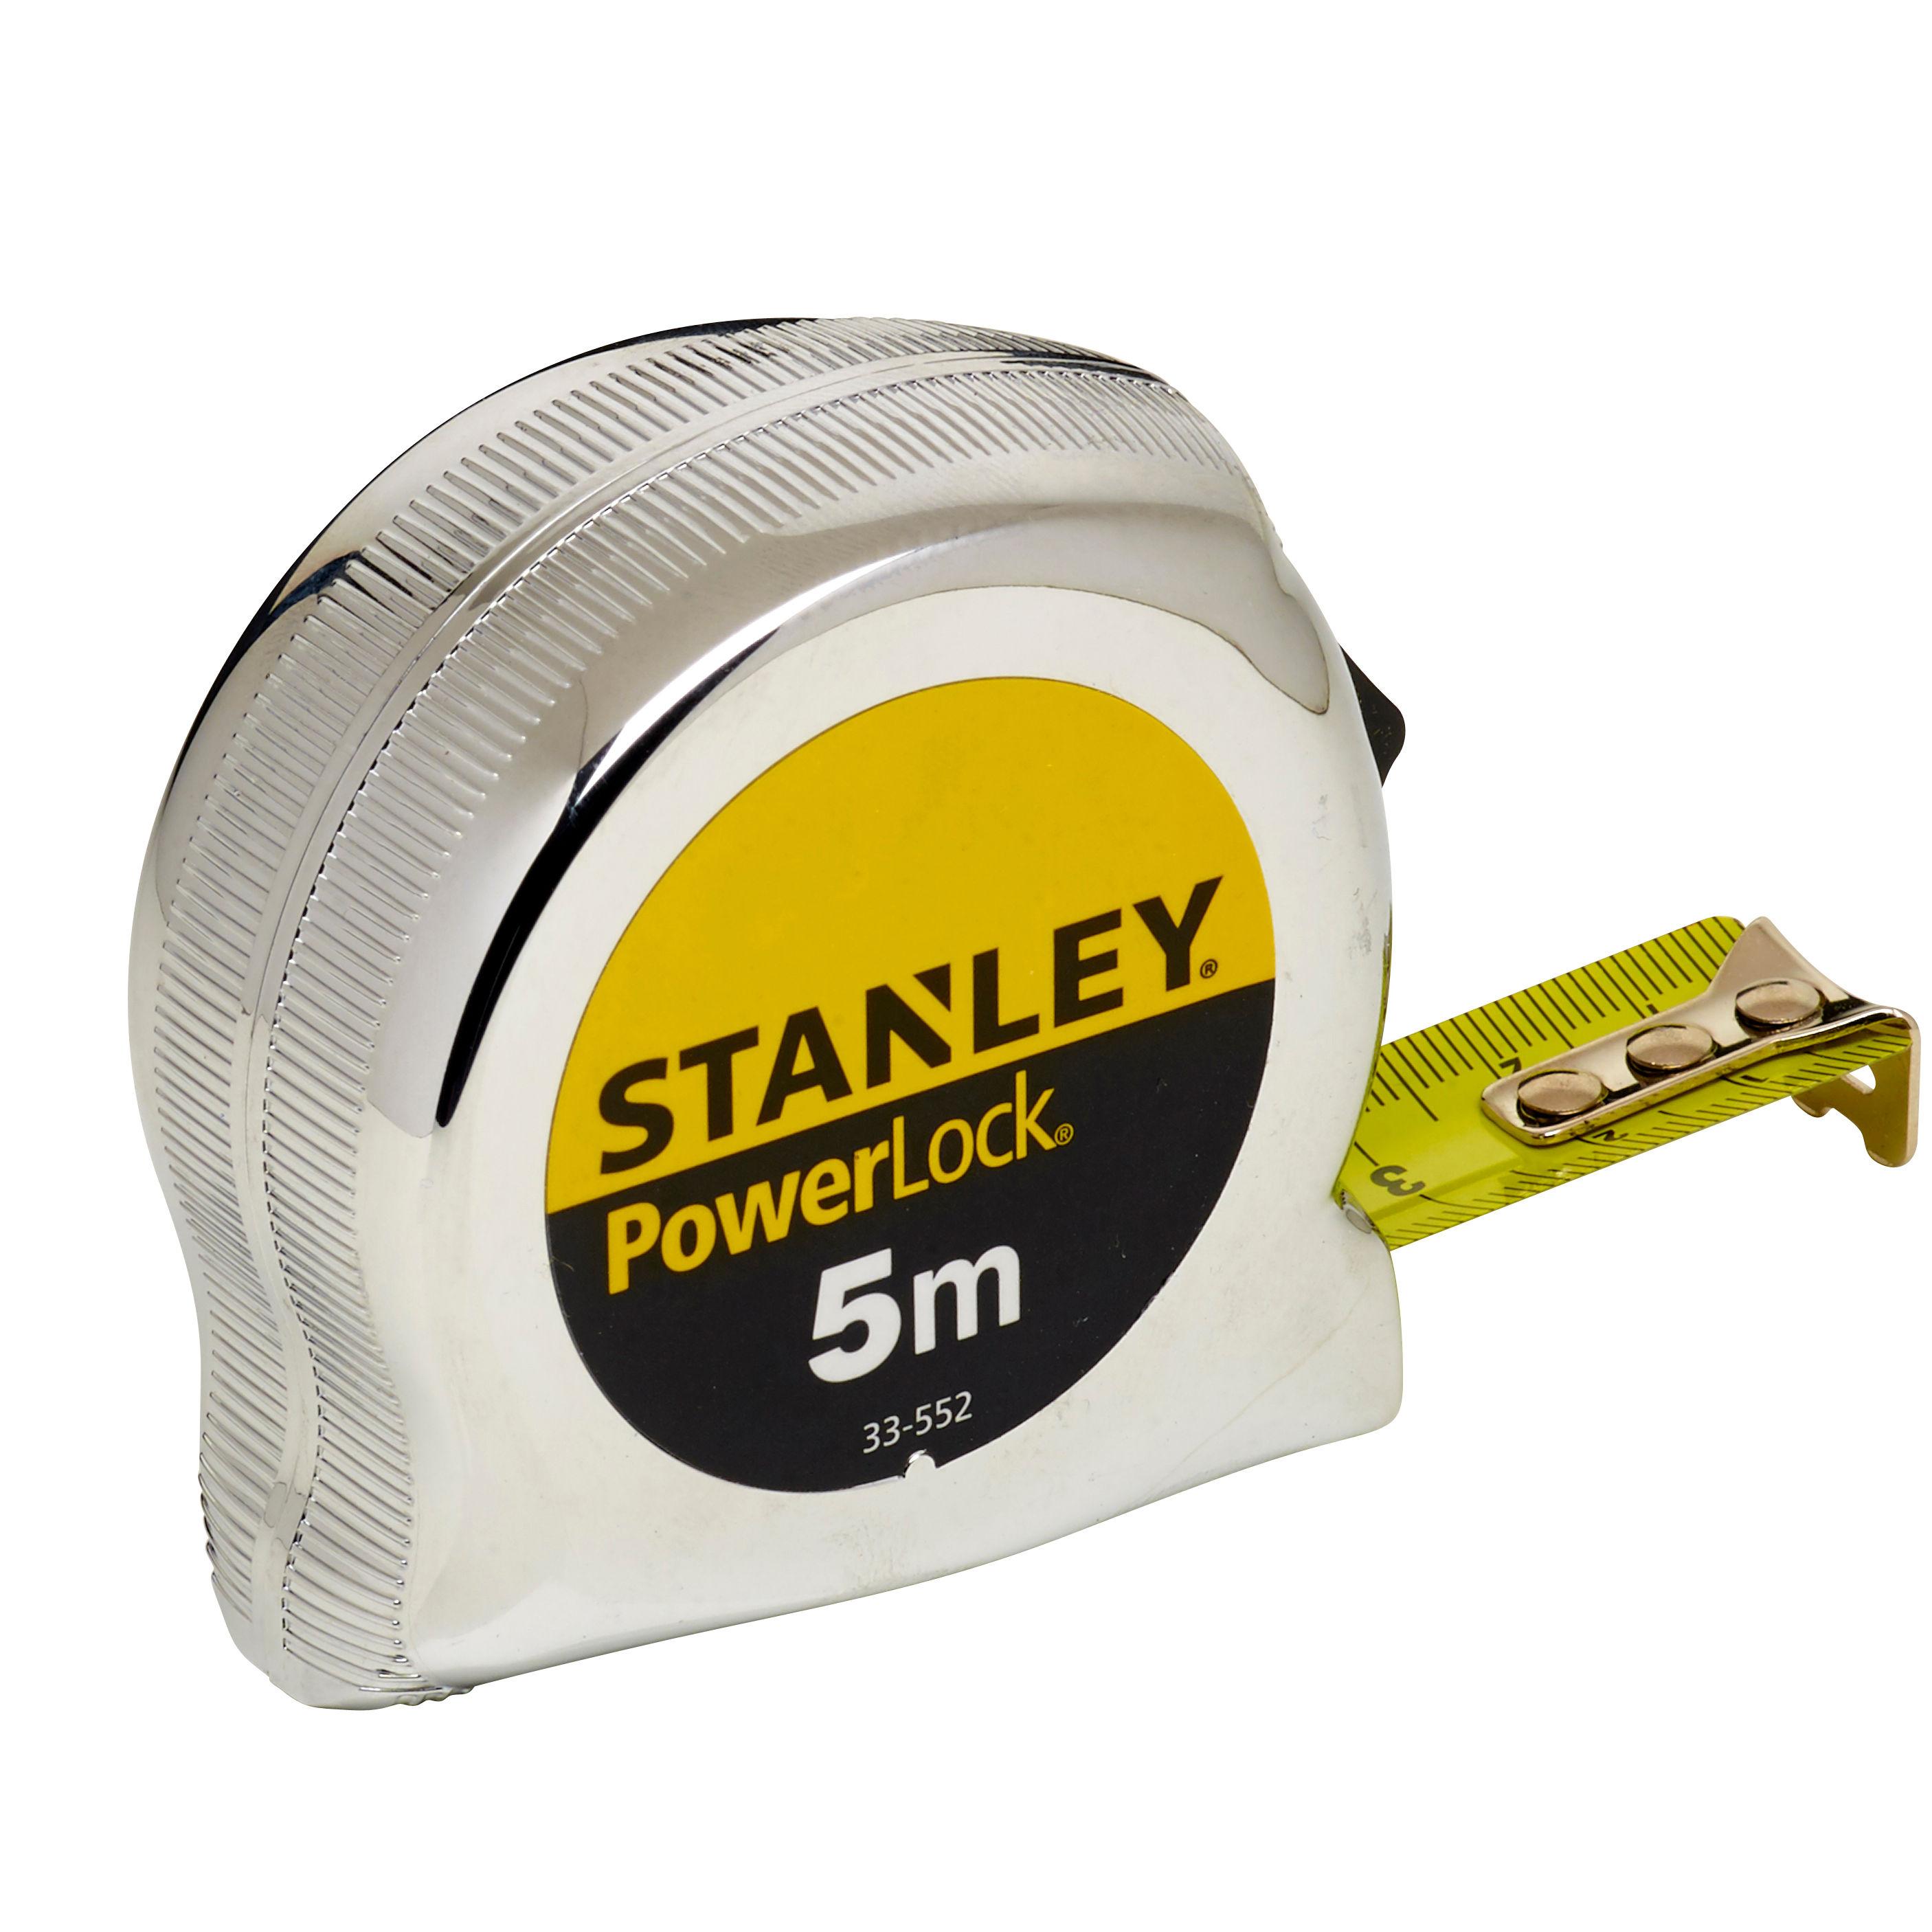 335521 Miara MicroPowerlock 5m / 19mm [L..